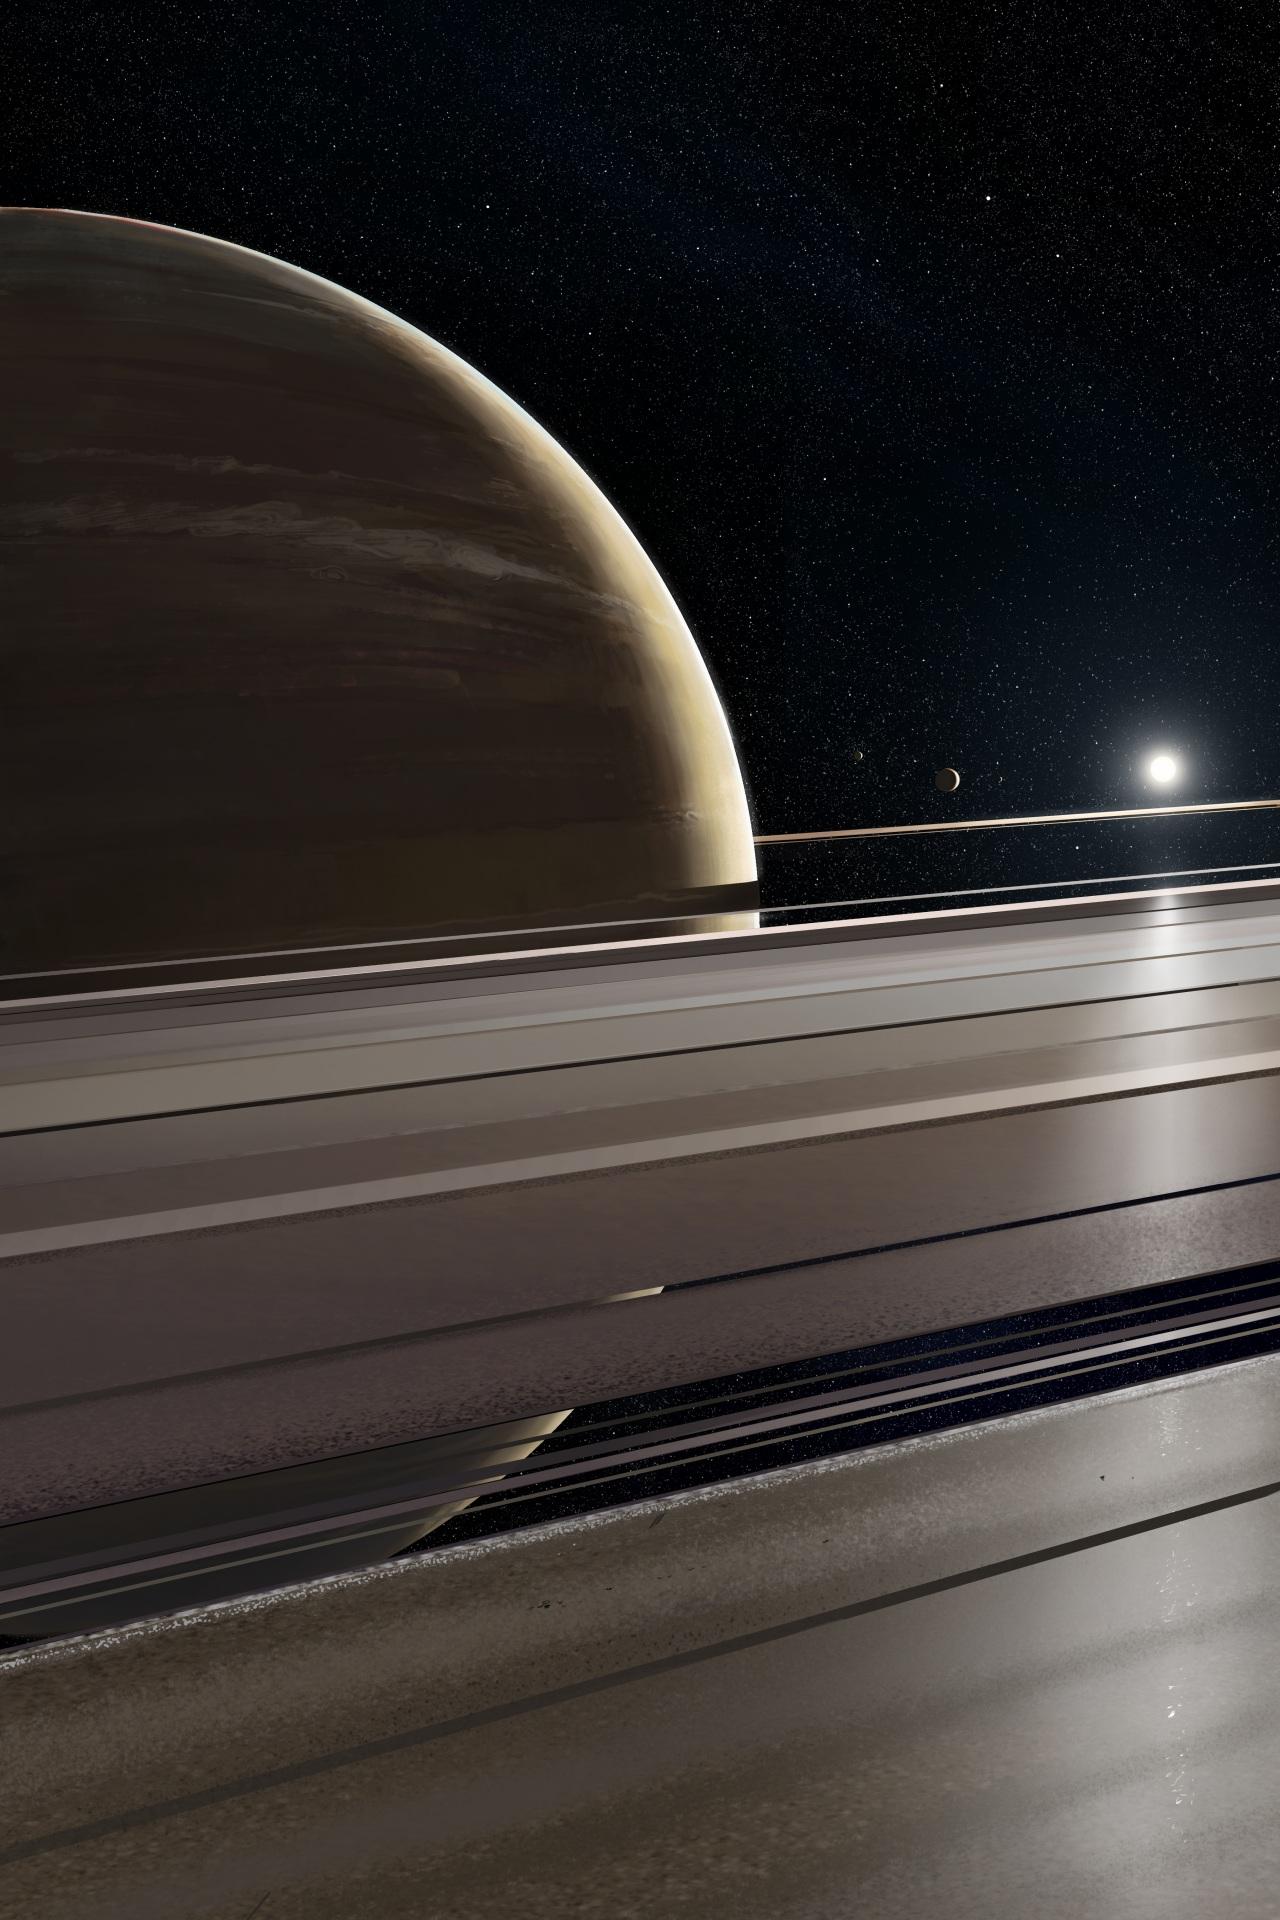 壁紙 1280x19 惑星 土星 環 天体 宇宙空間 ダウンロード 写真